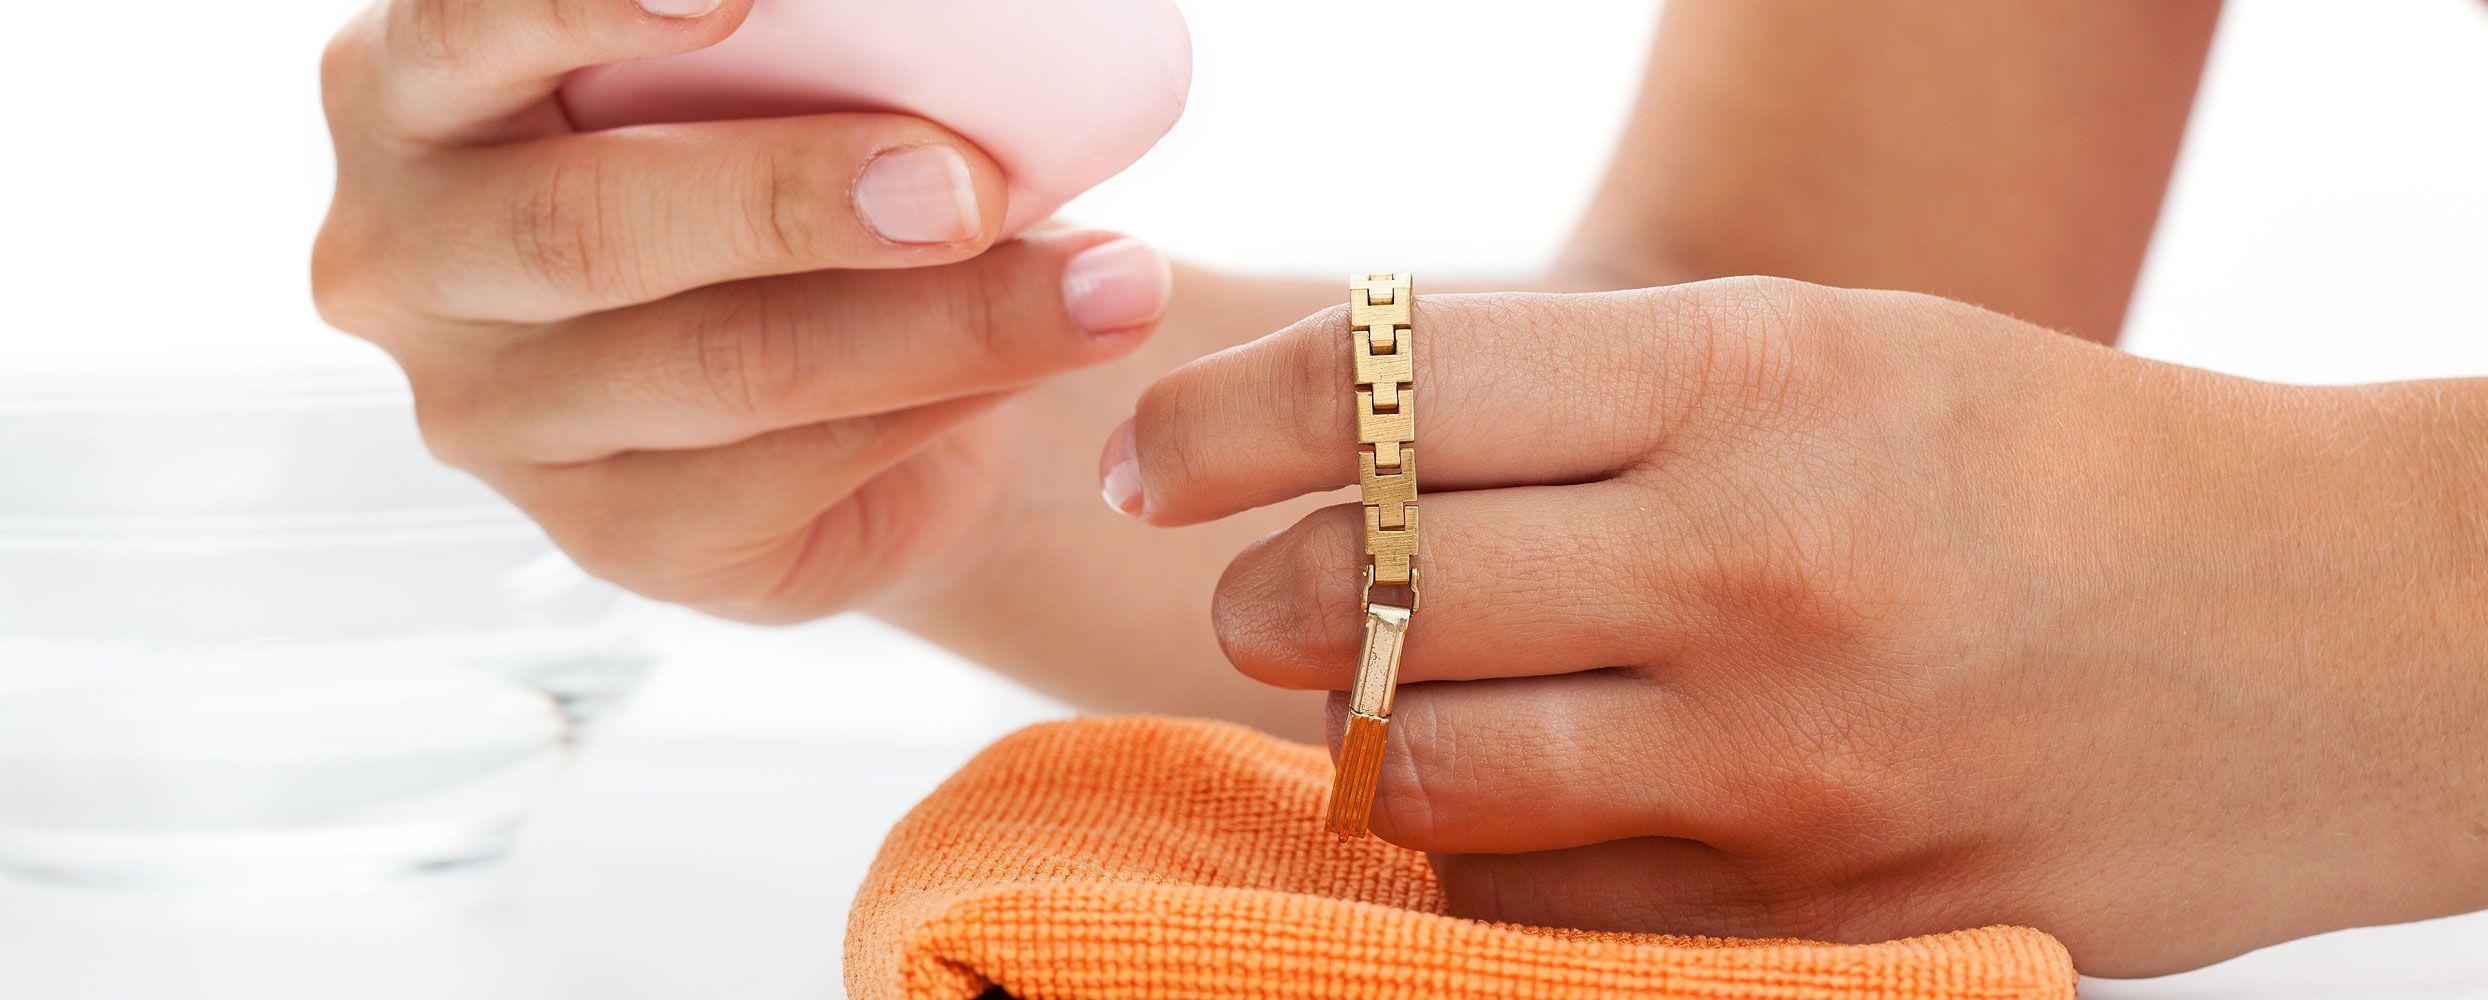 Рекомендации по уходу за ювелирными украшениями и столовым серебром